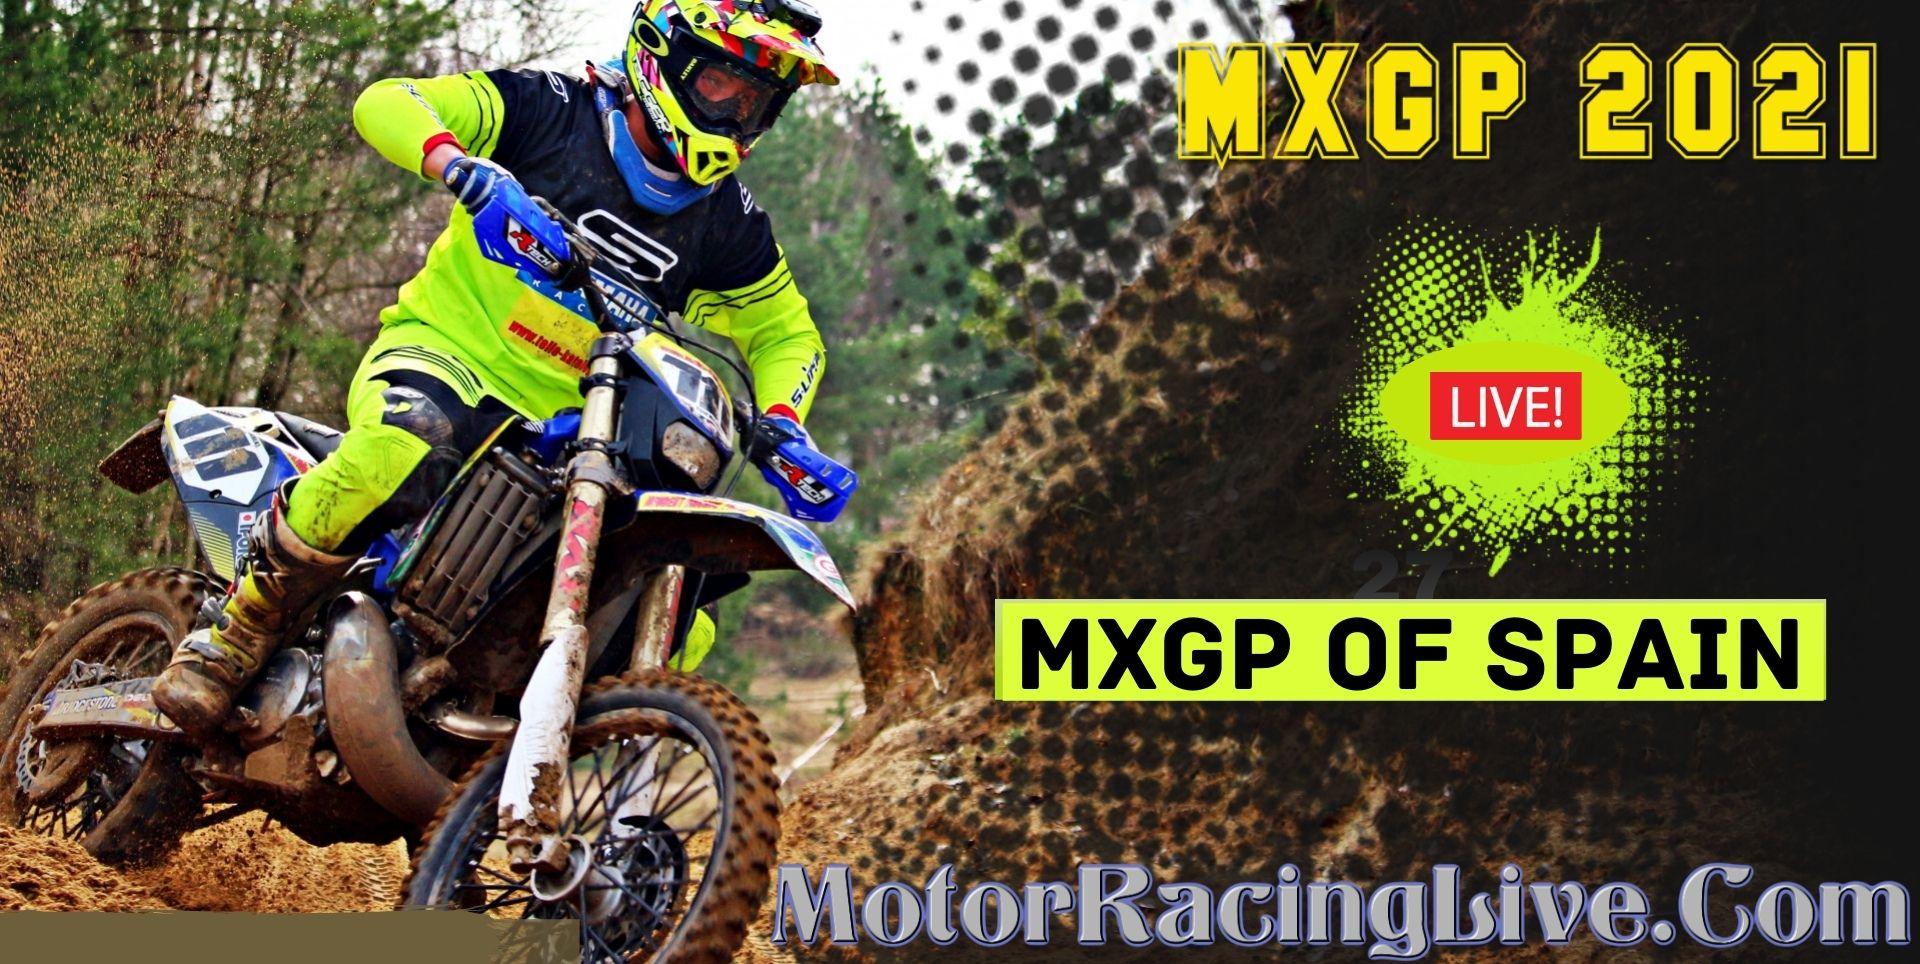 MXGP OF SPAIN 2021 Live Stream